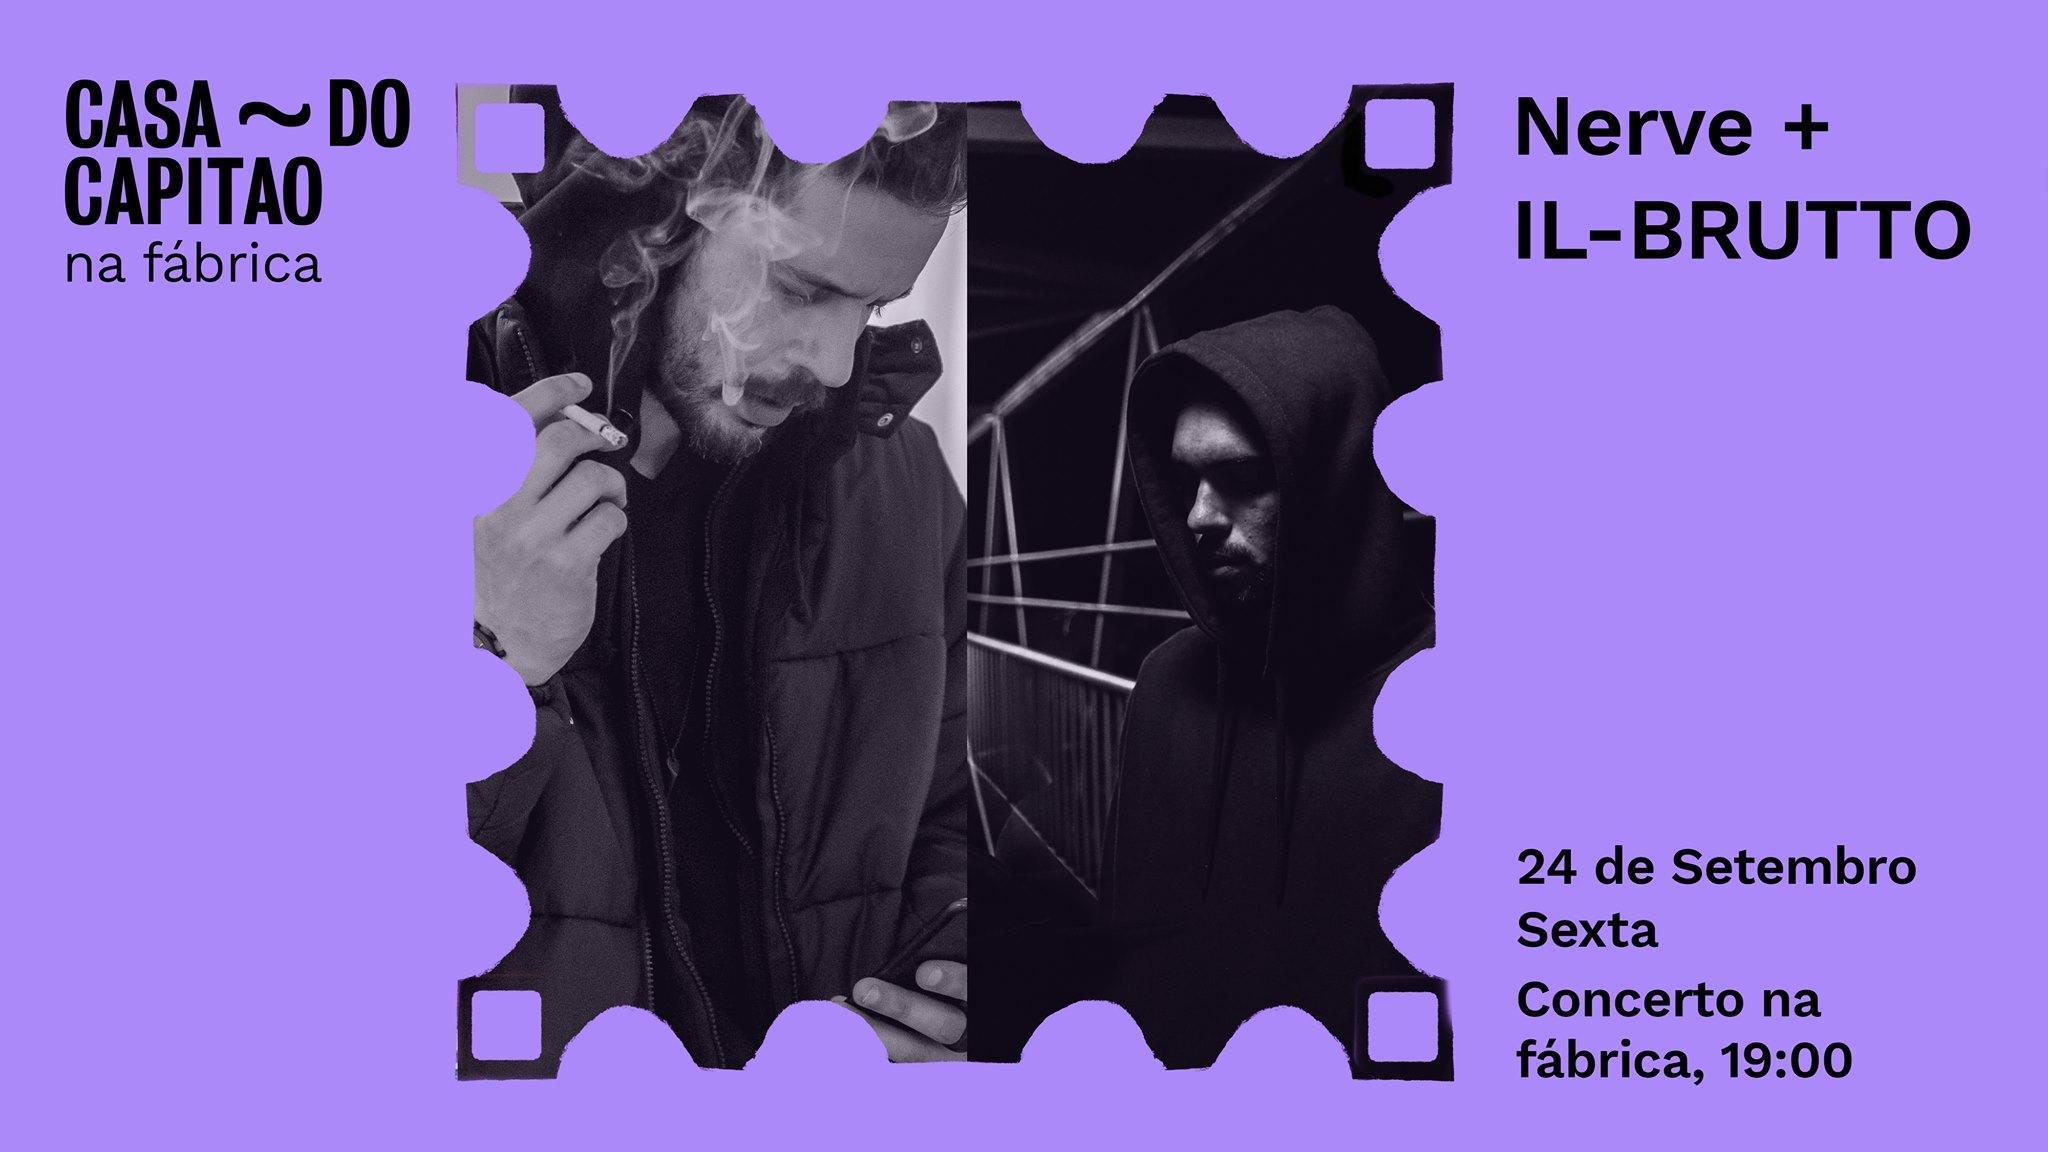 Nerve + IL-BRUTTO •  concerto na fábrica